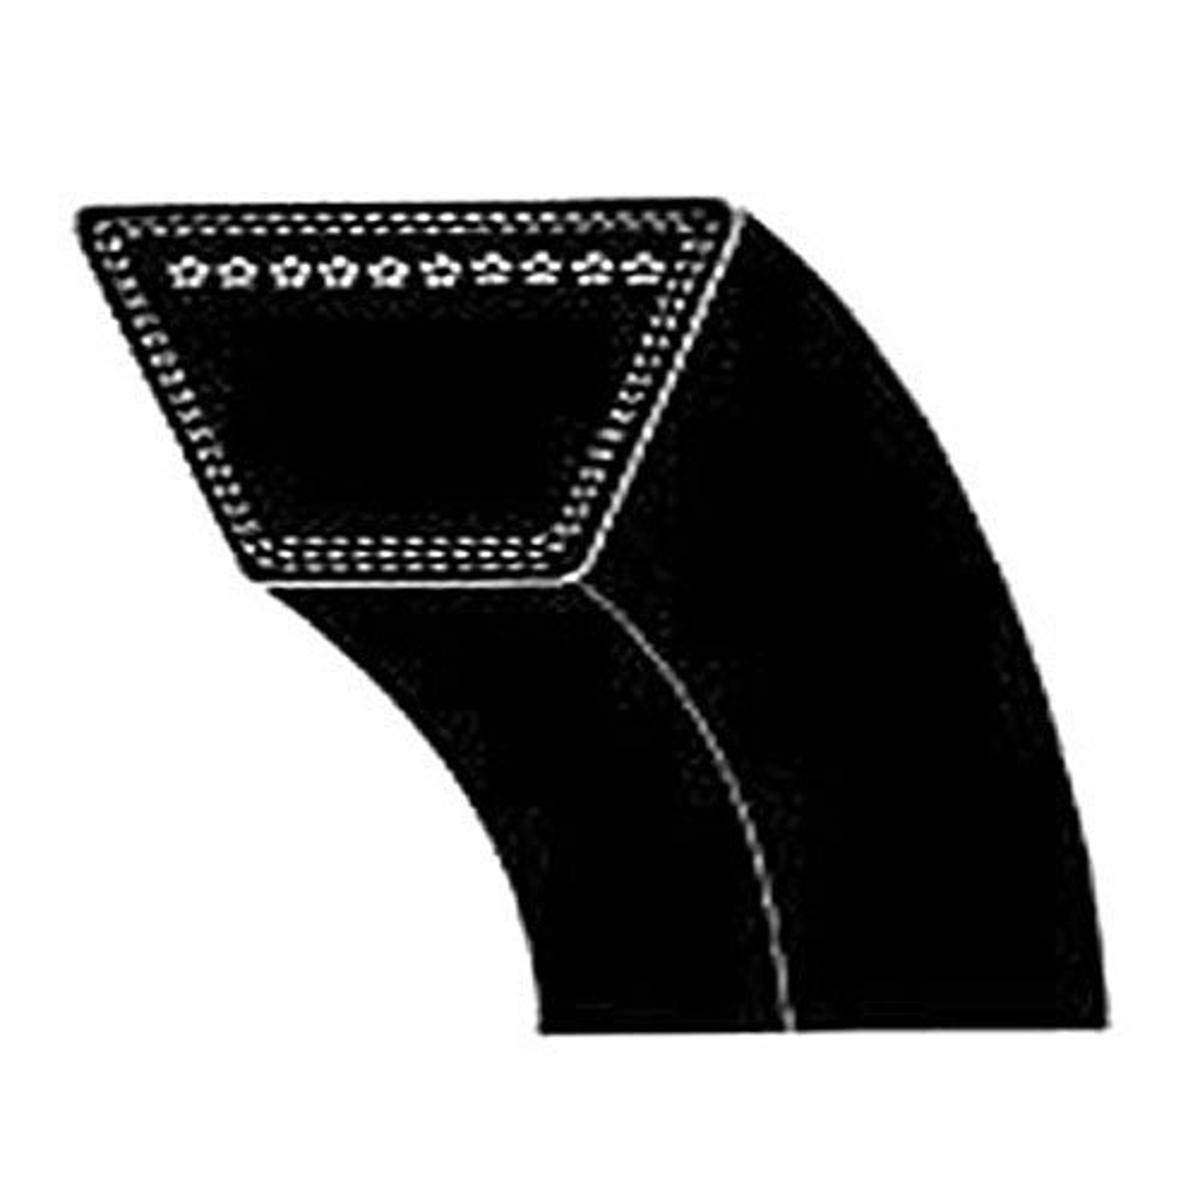 Jason Industrial 3L300 Fractional Horsepower V-Belt, Natural Rub